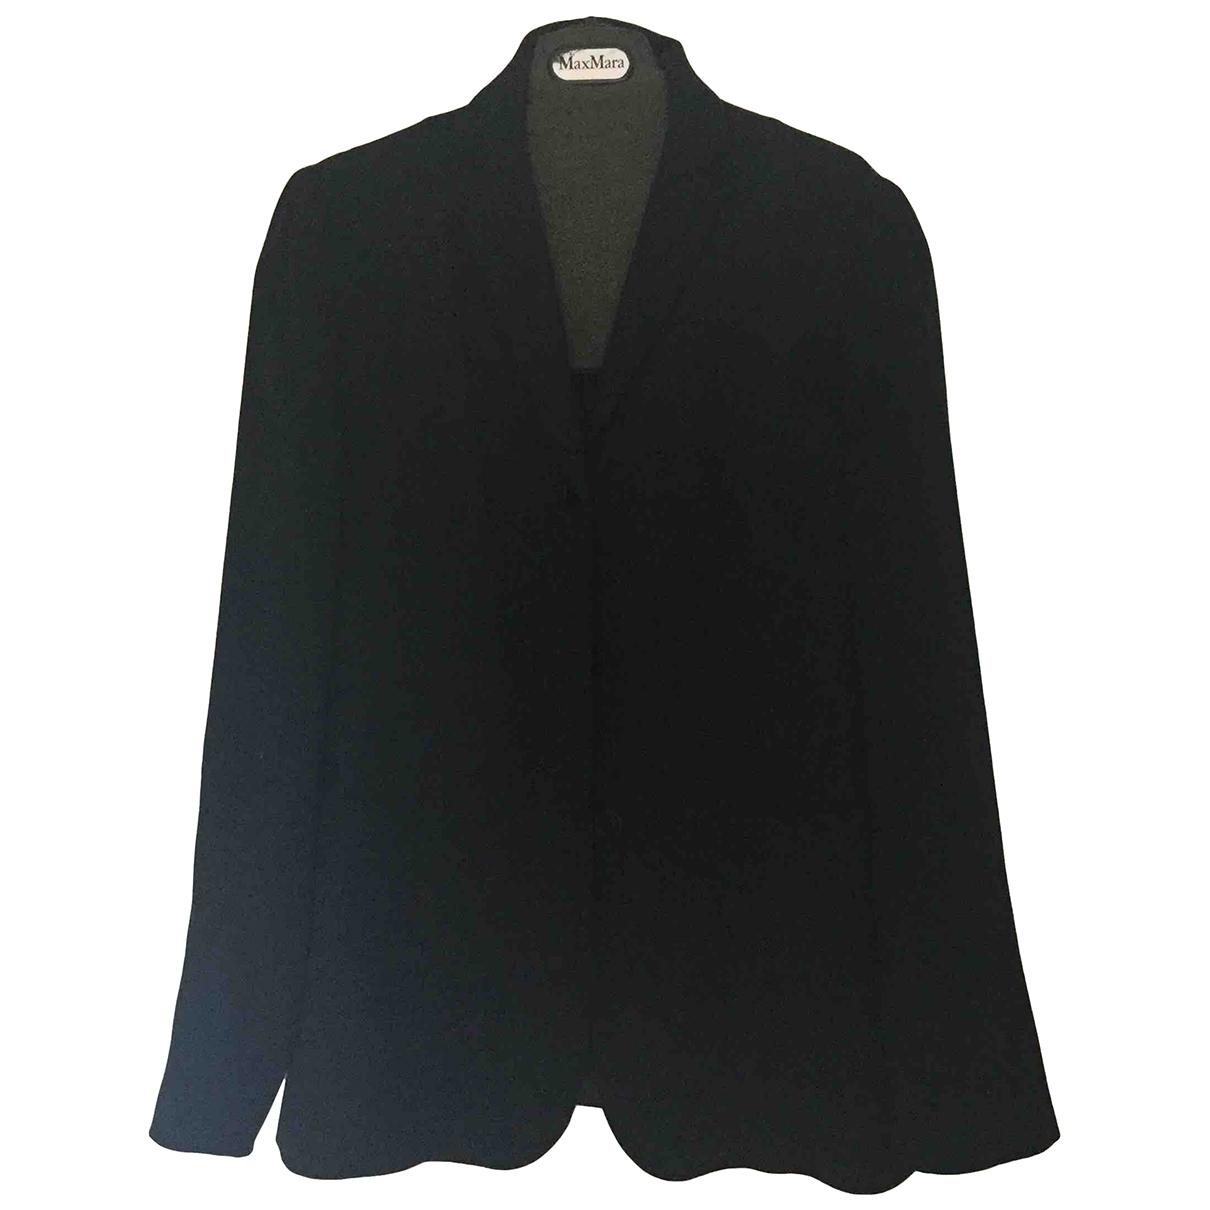 Max Mara s - Veste   pour femme en laine - bleu